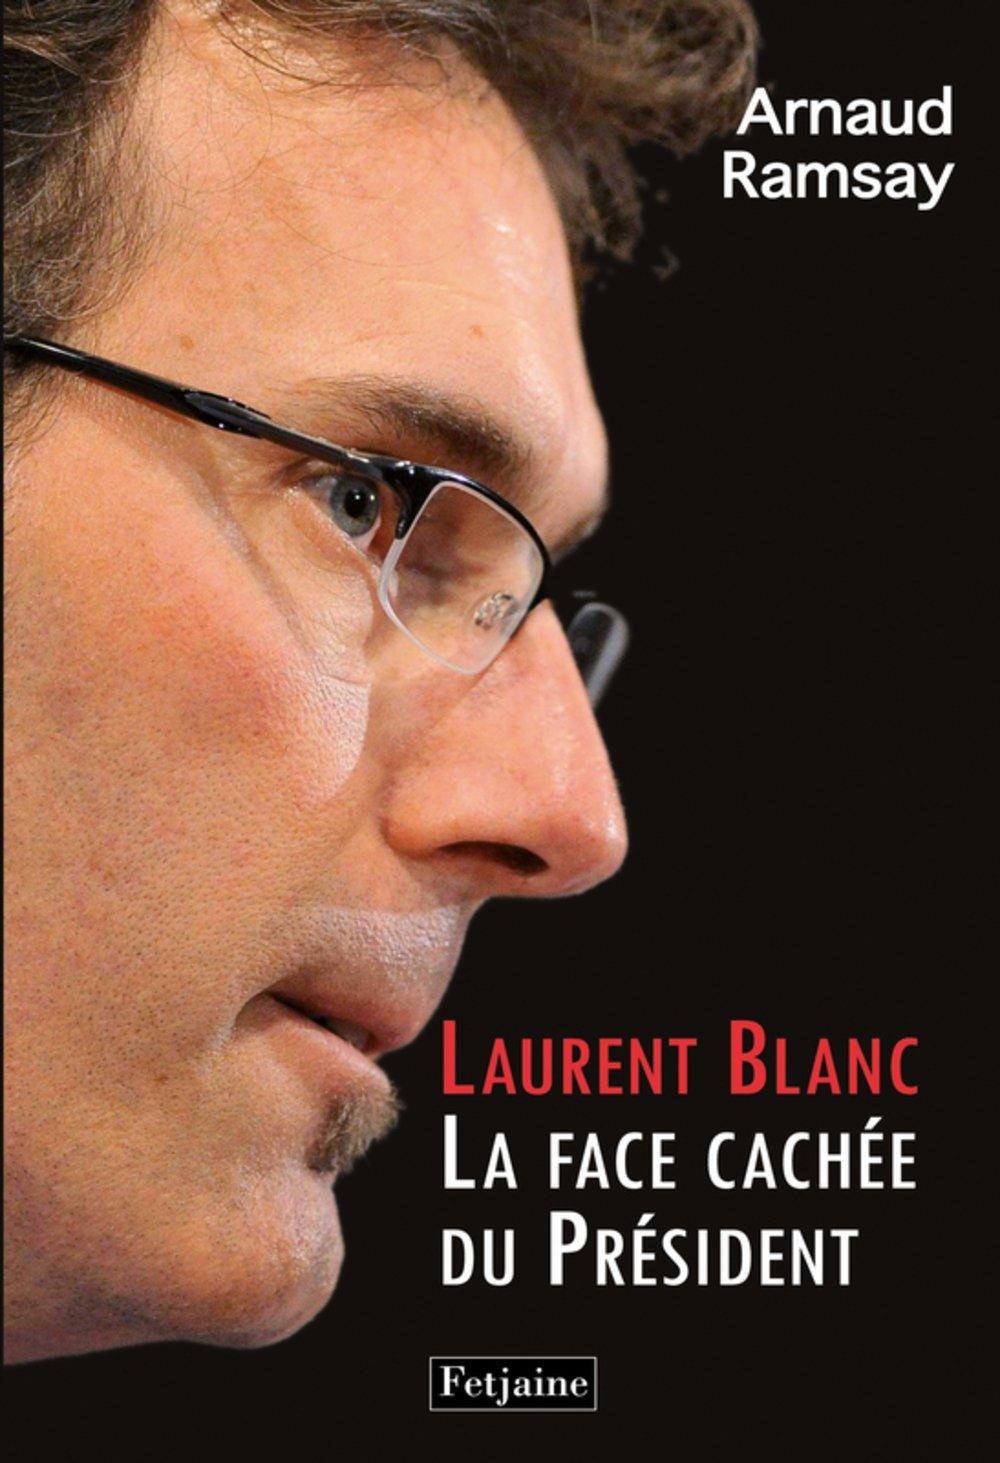 Laurent Blanc : La Face cachée du President